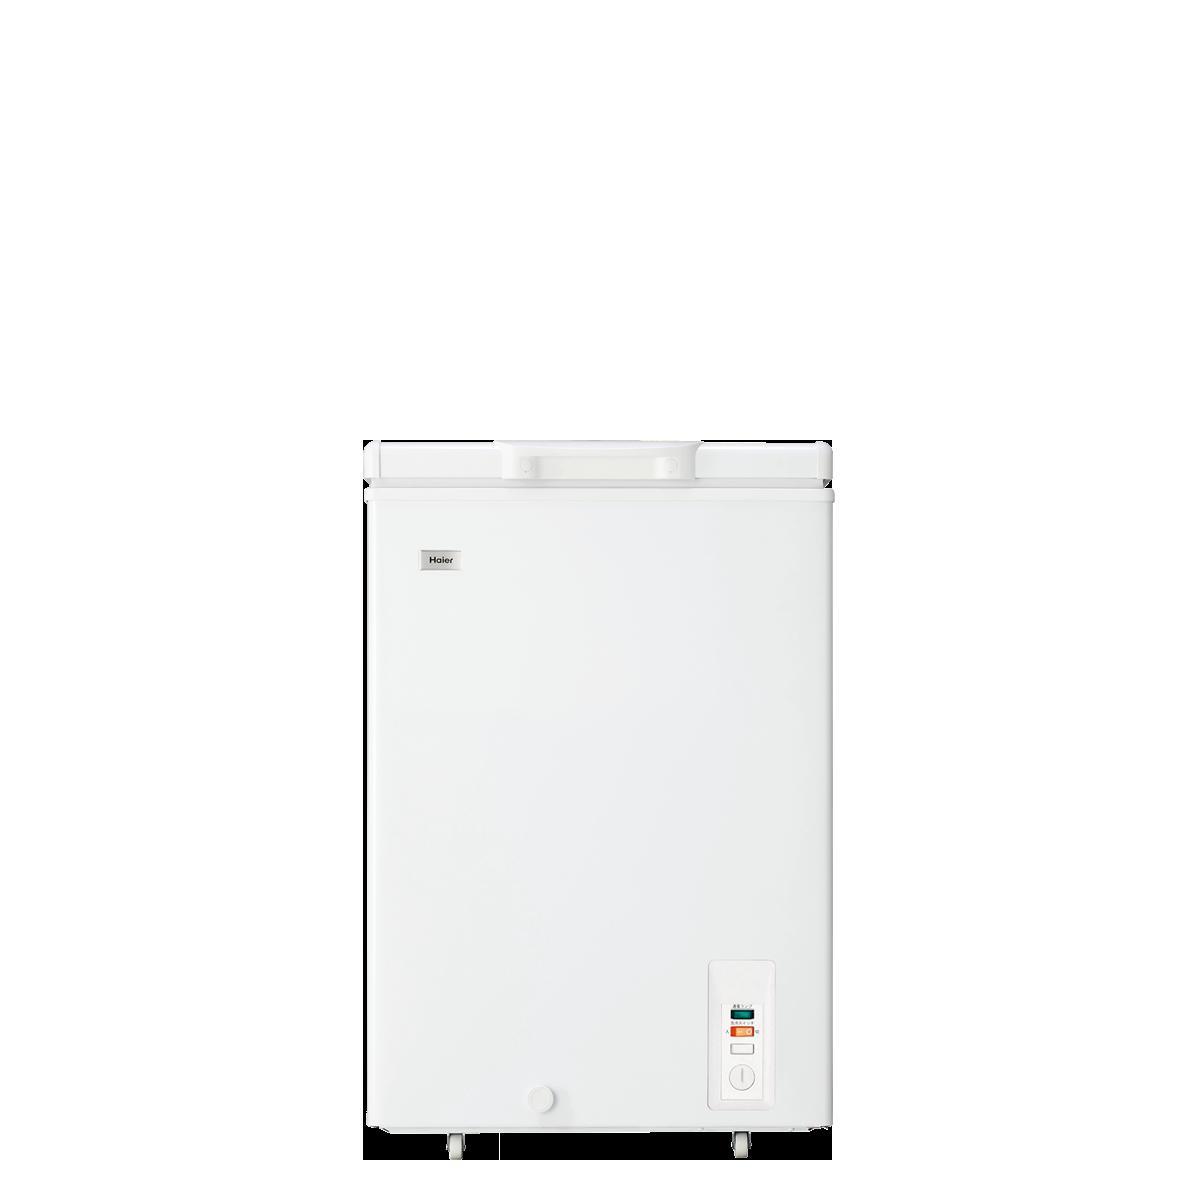 新品 ハイアール 103L チェストタイプ 冷凍庫(フリーザー)直冷式 ホワイトHaier JF-NC103F(W)